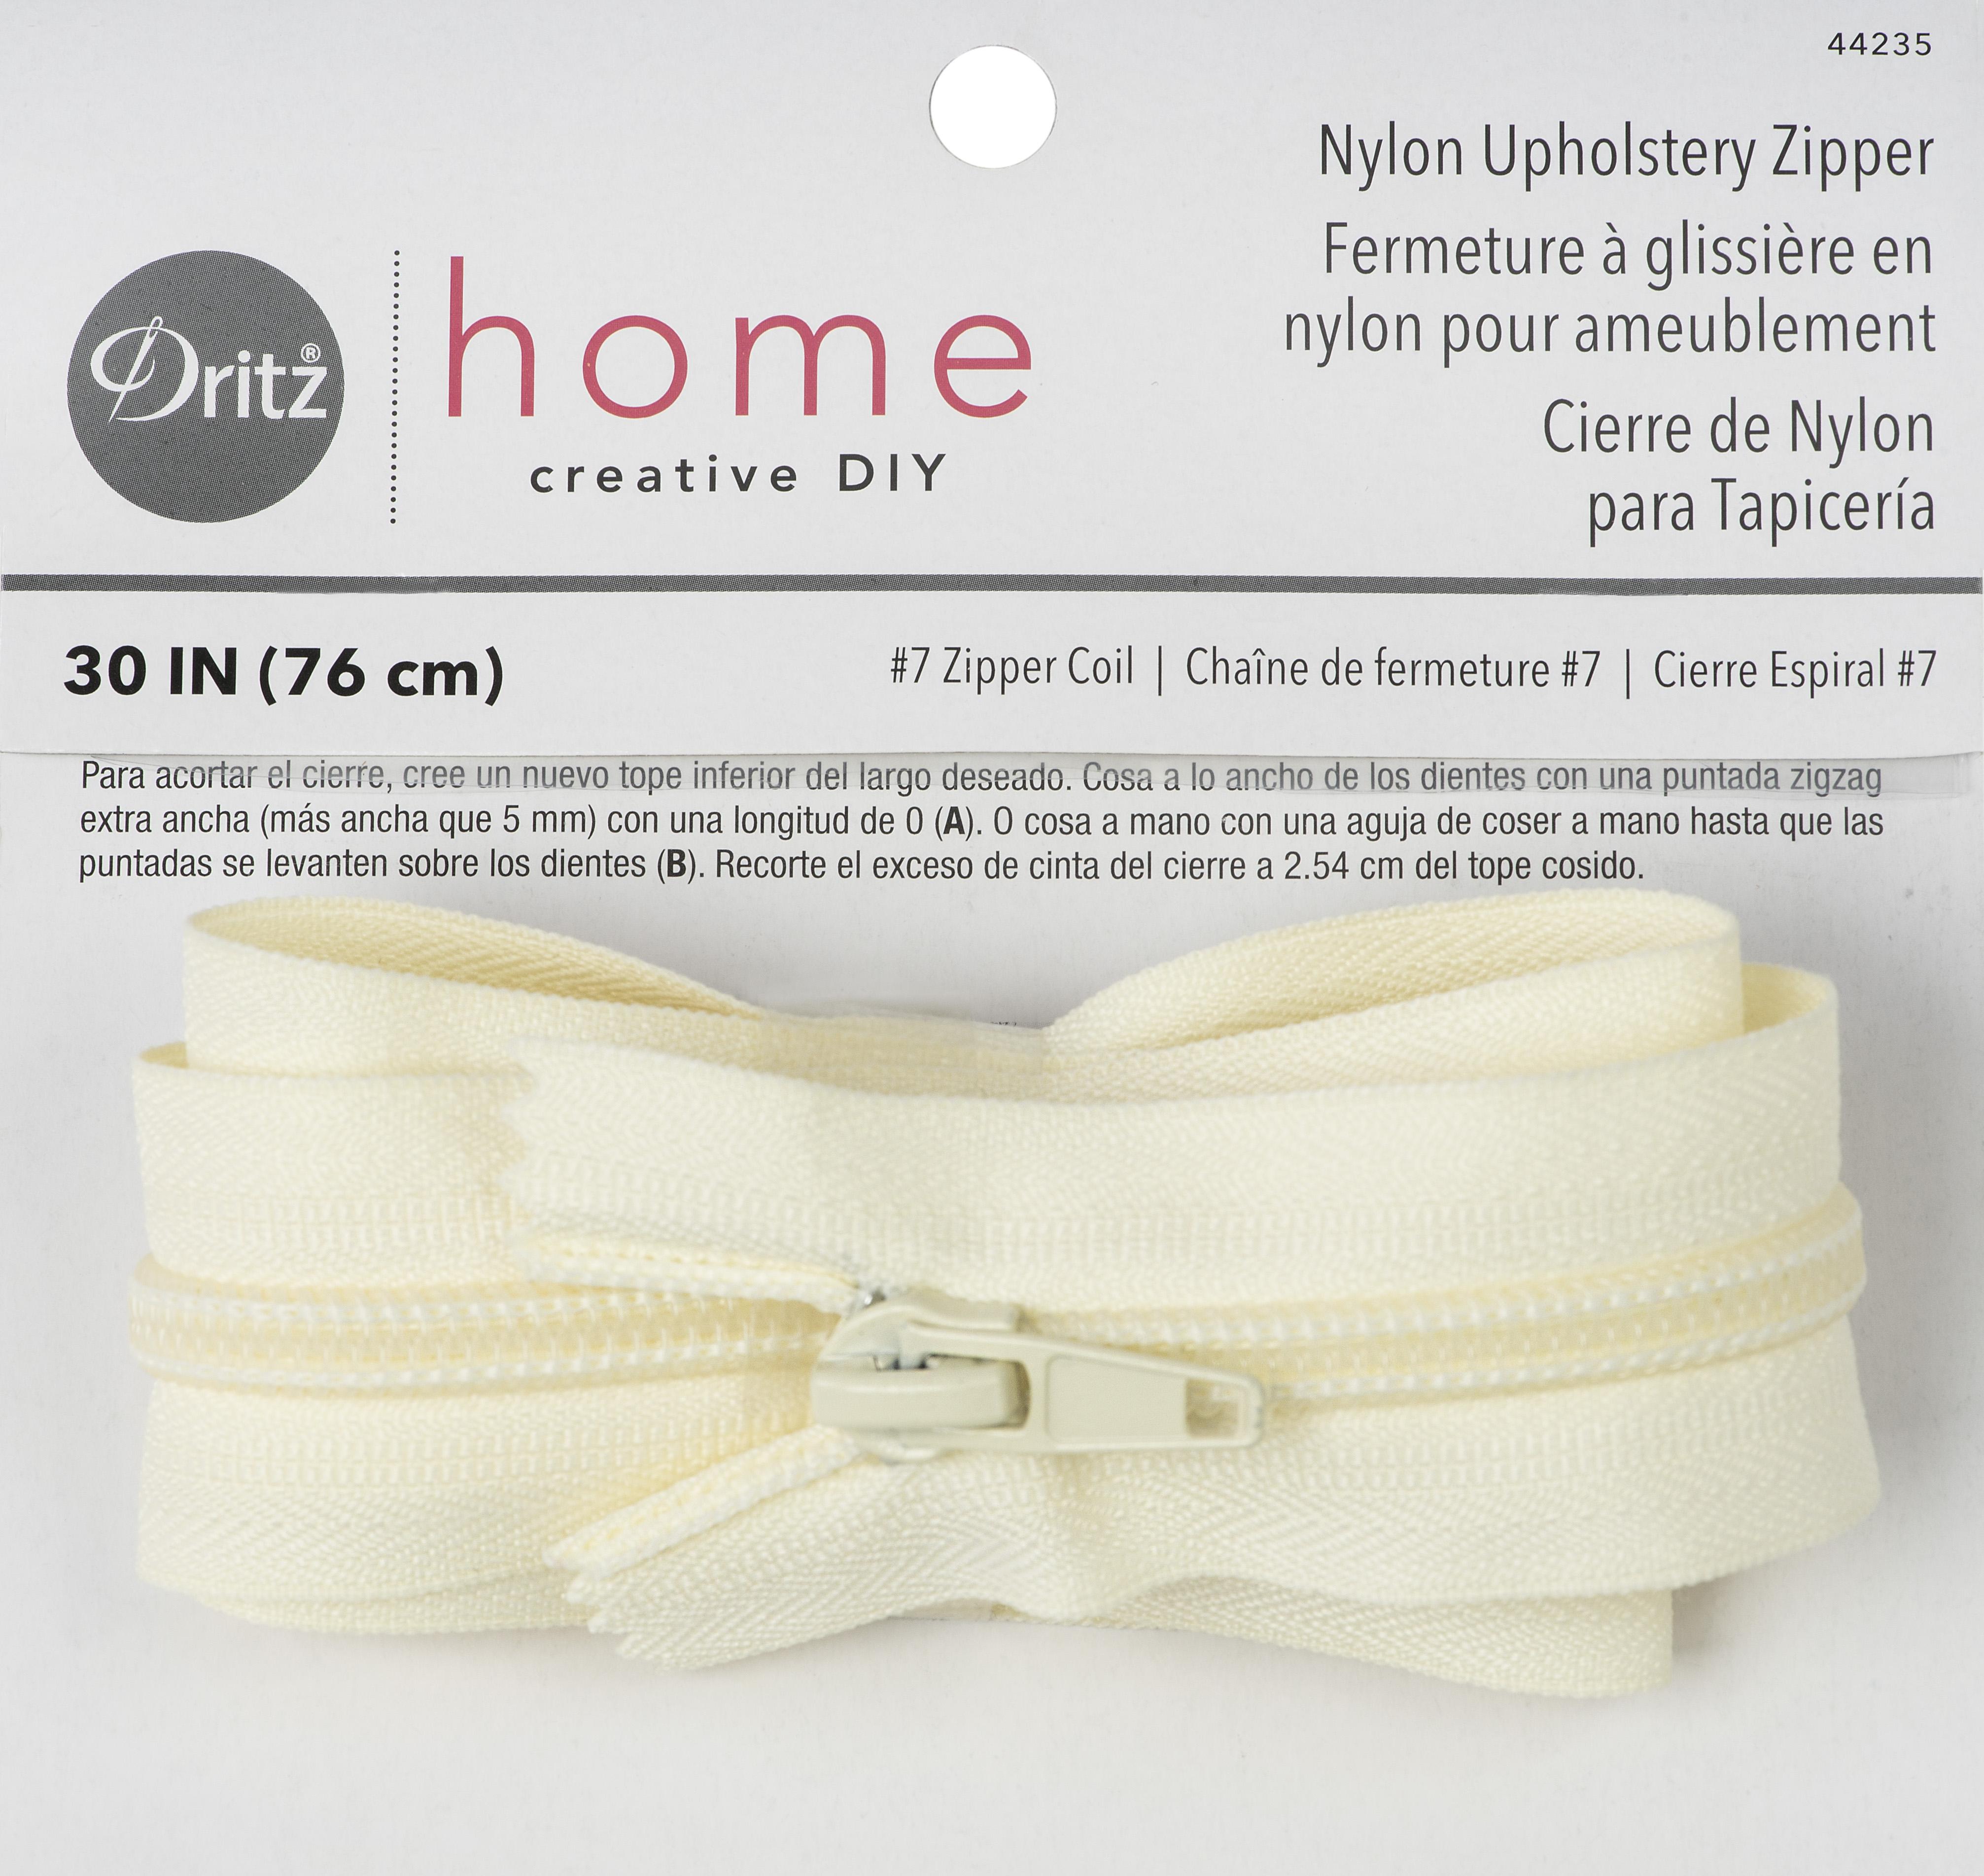 Upholstery Zipper